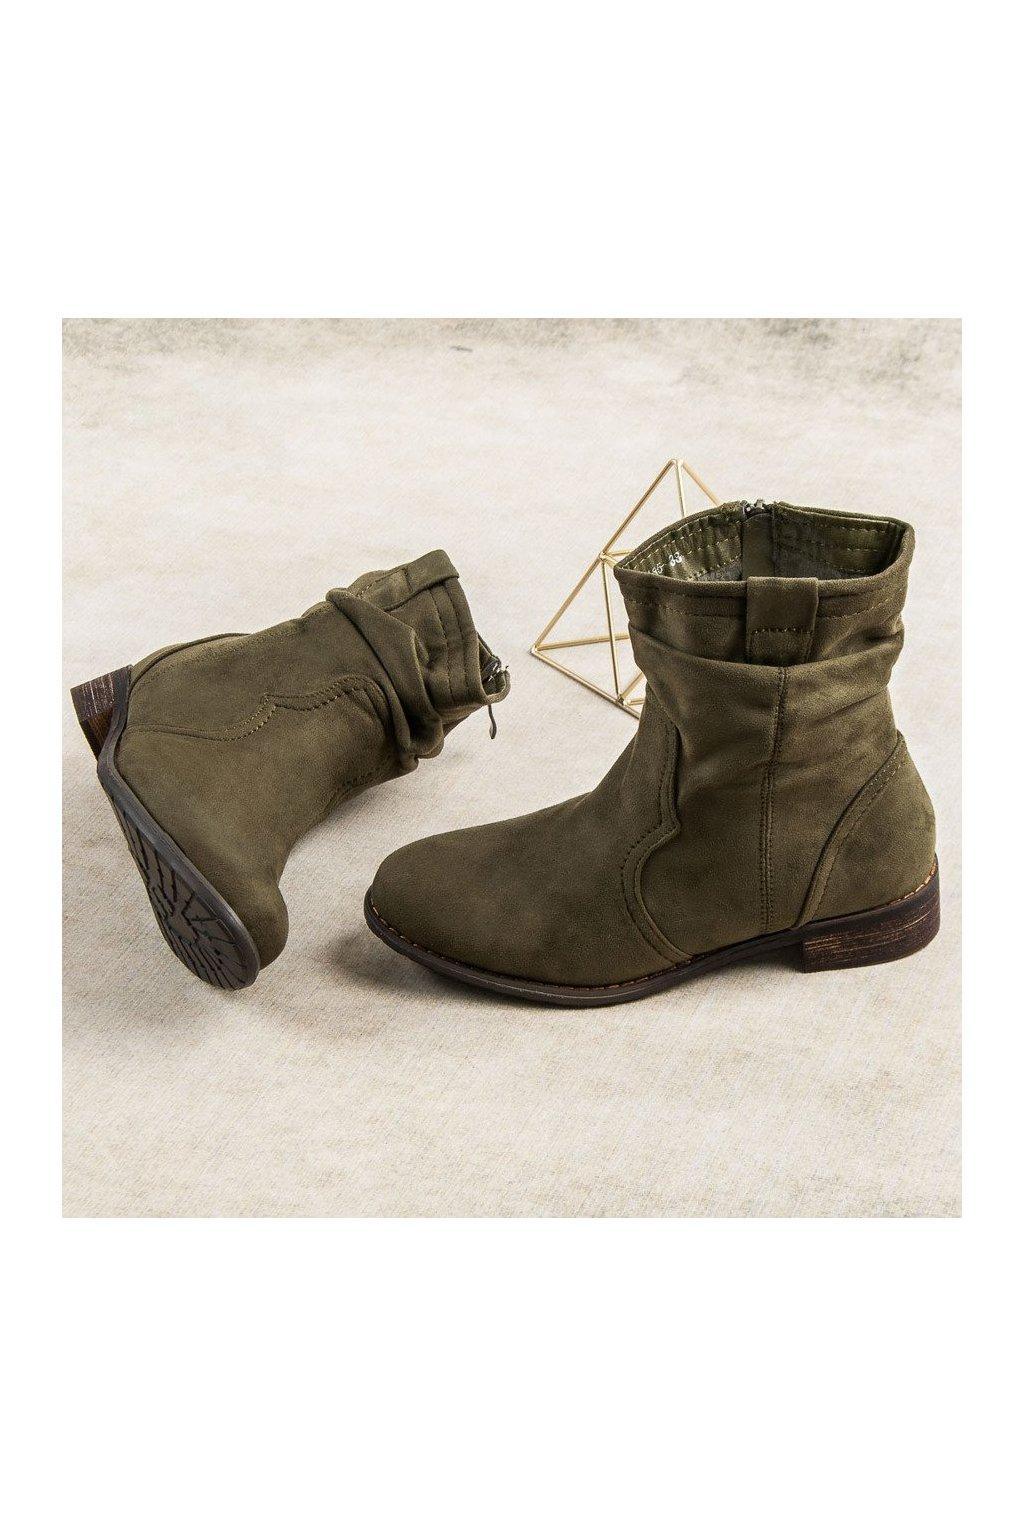 Olivové elegantné topánky Nio Nio 1cd3ab9270a